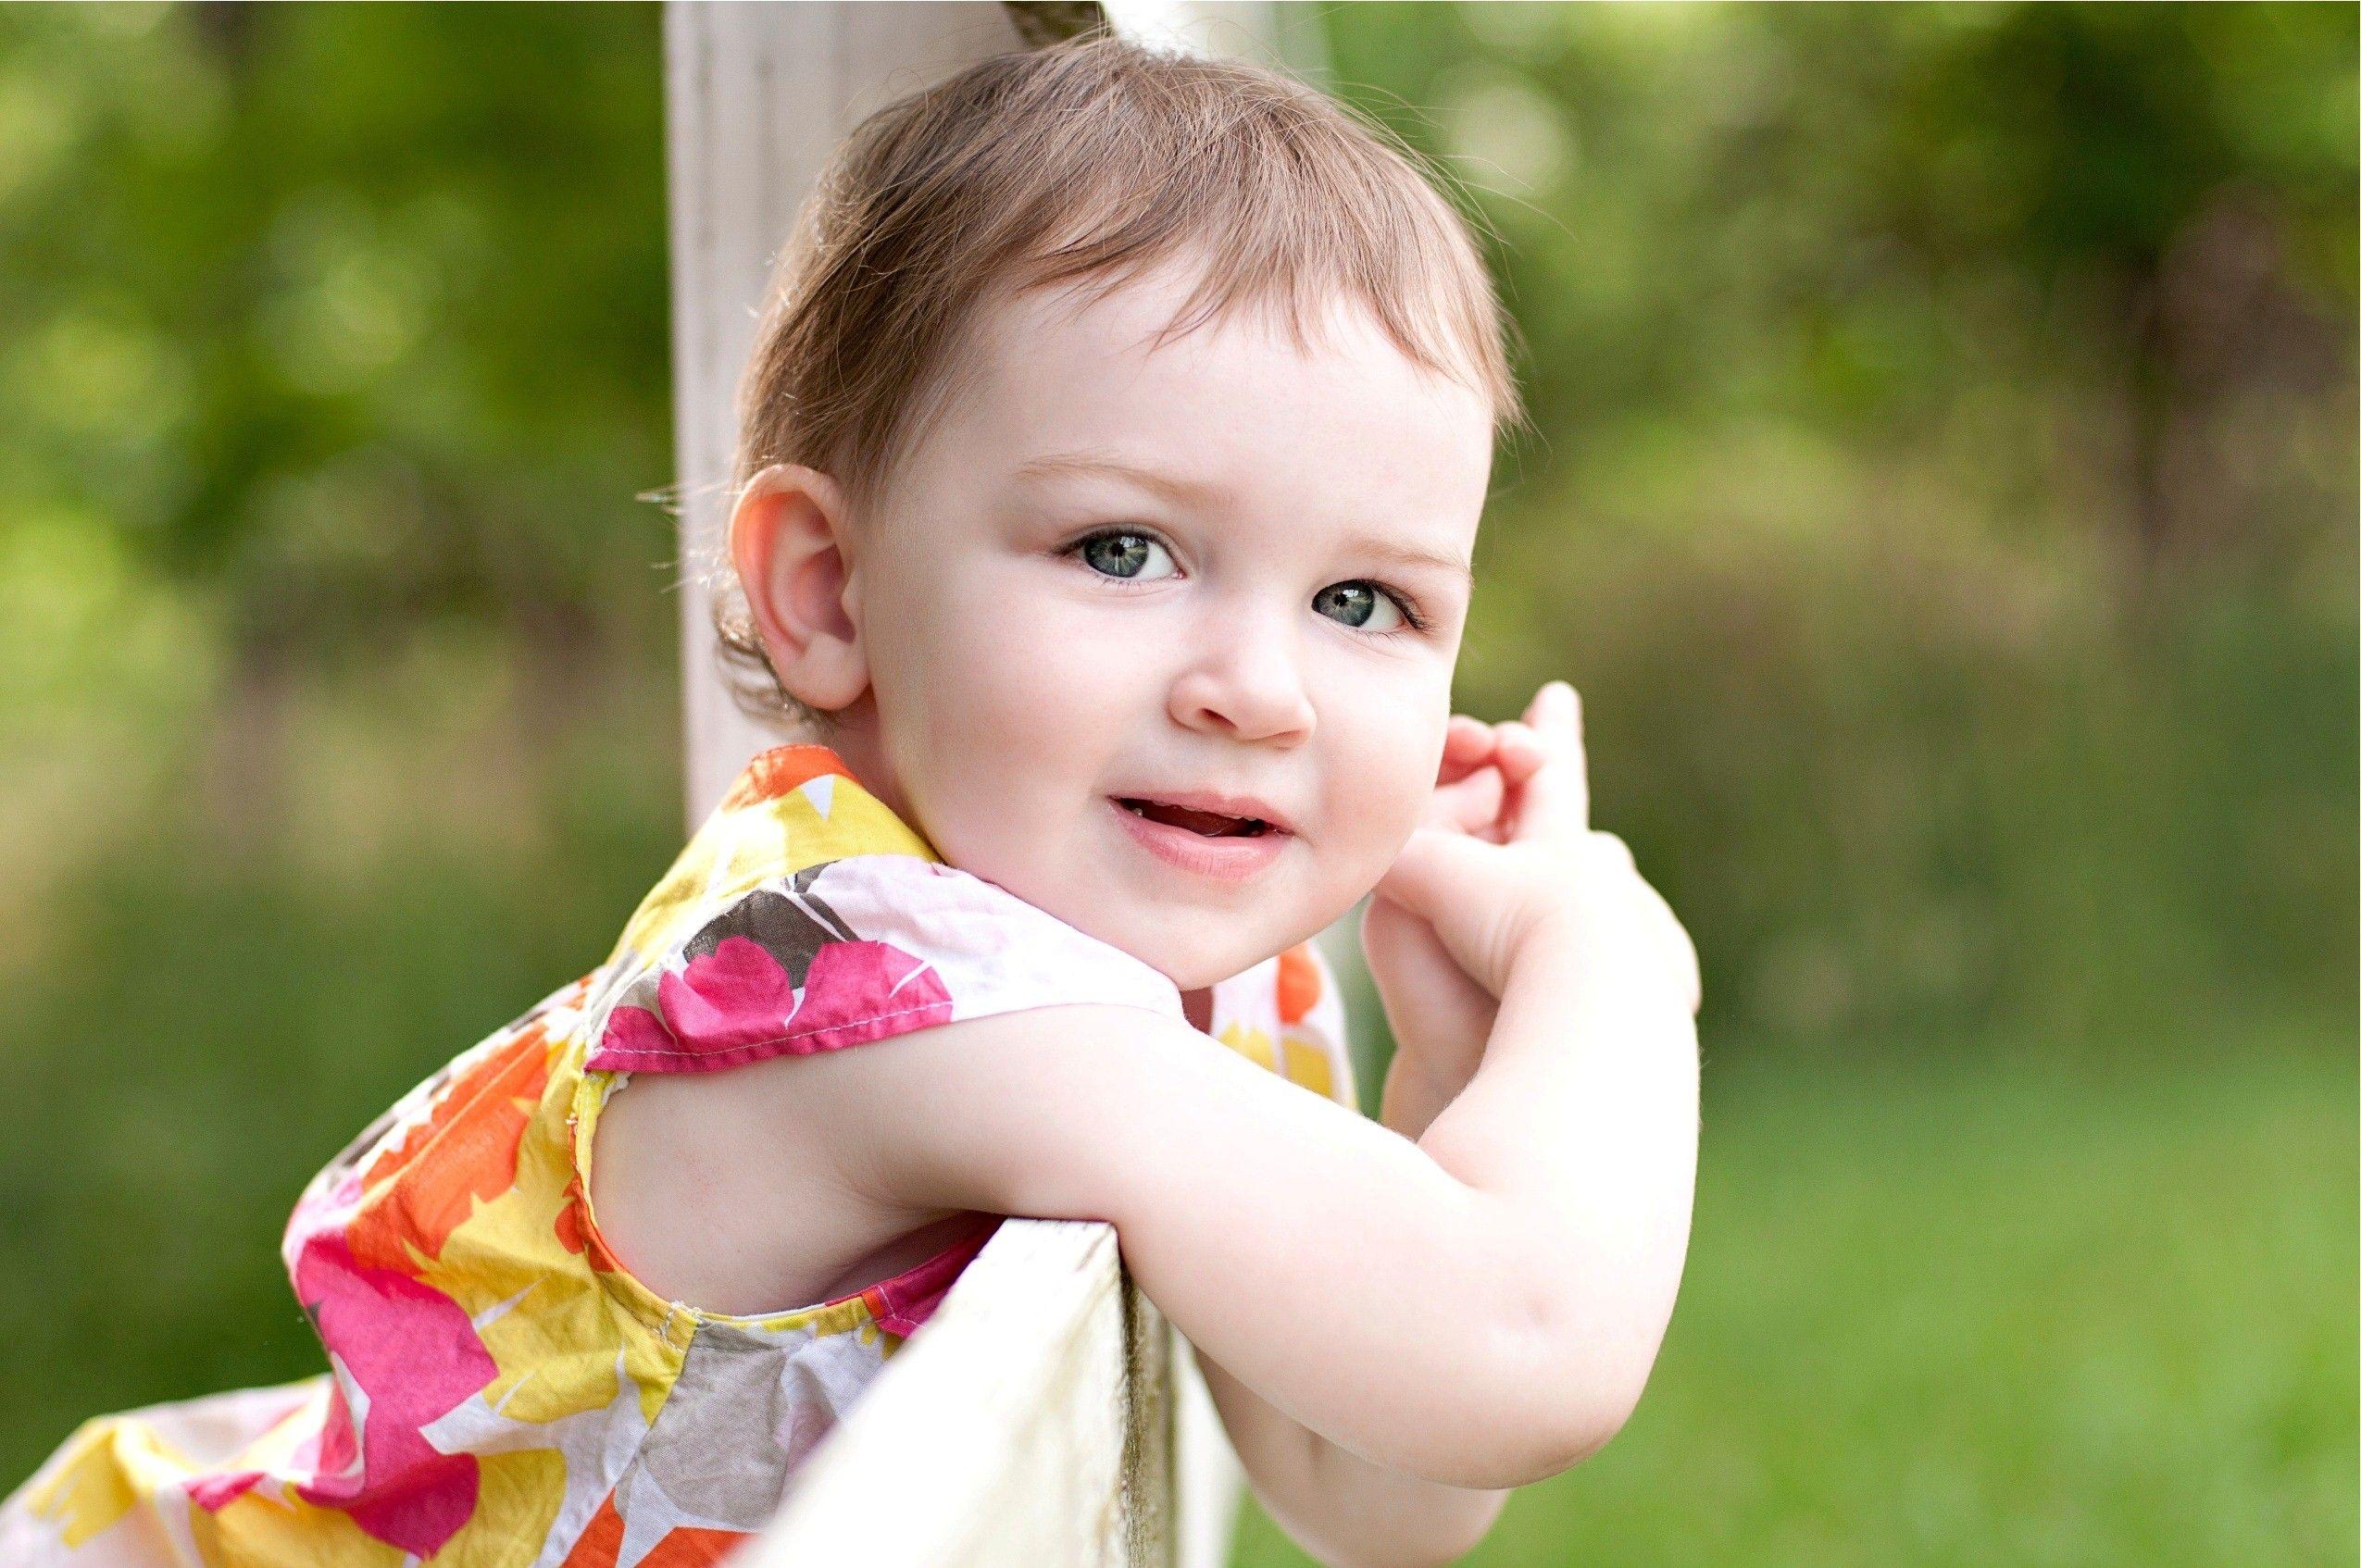 cutest girl wallpaper wallpaper hd | wallpapers | pinterest | baby